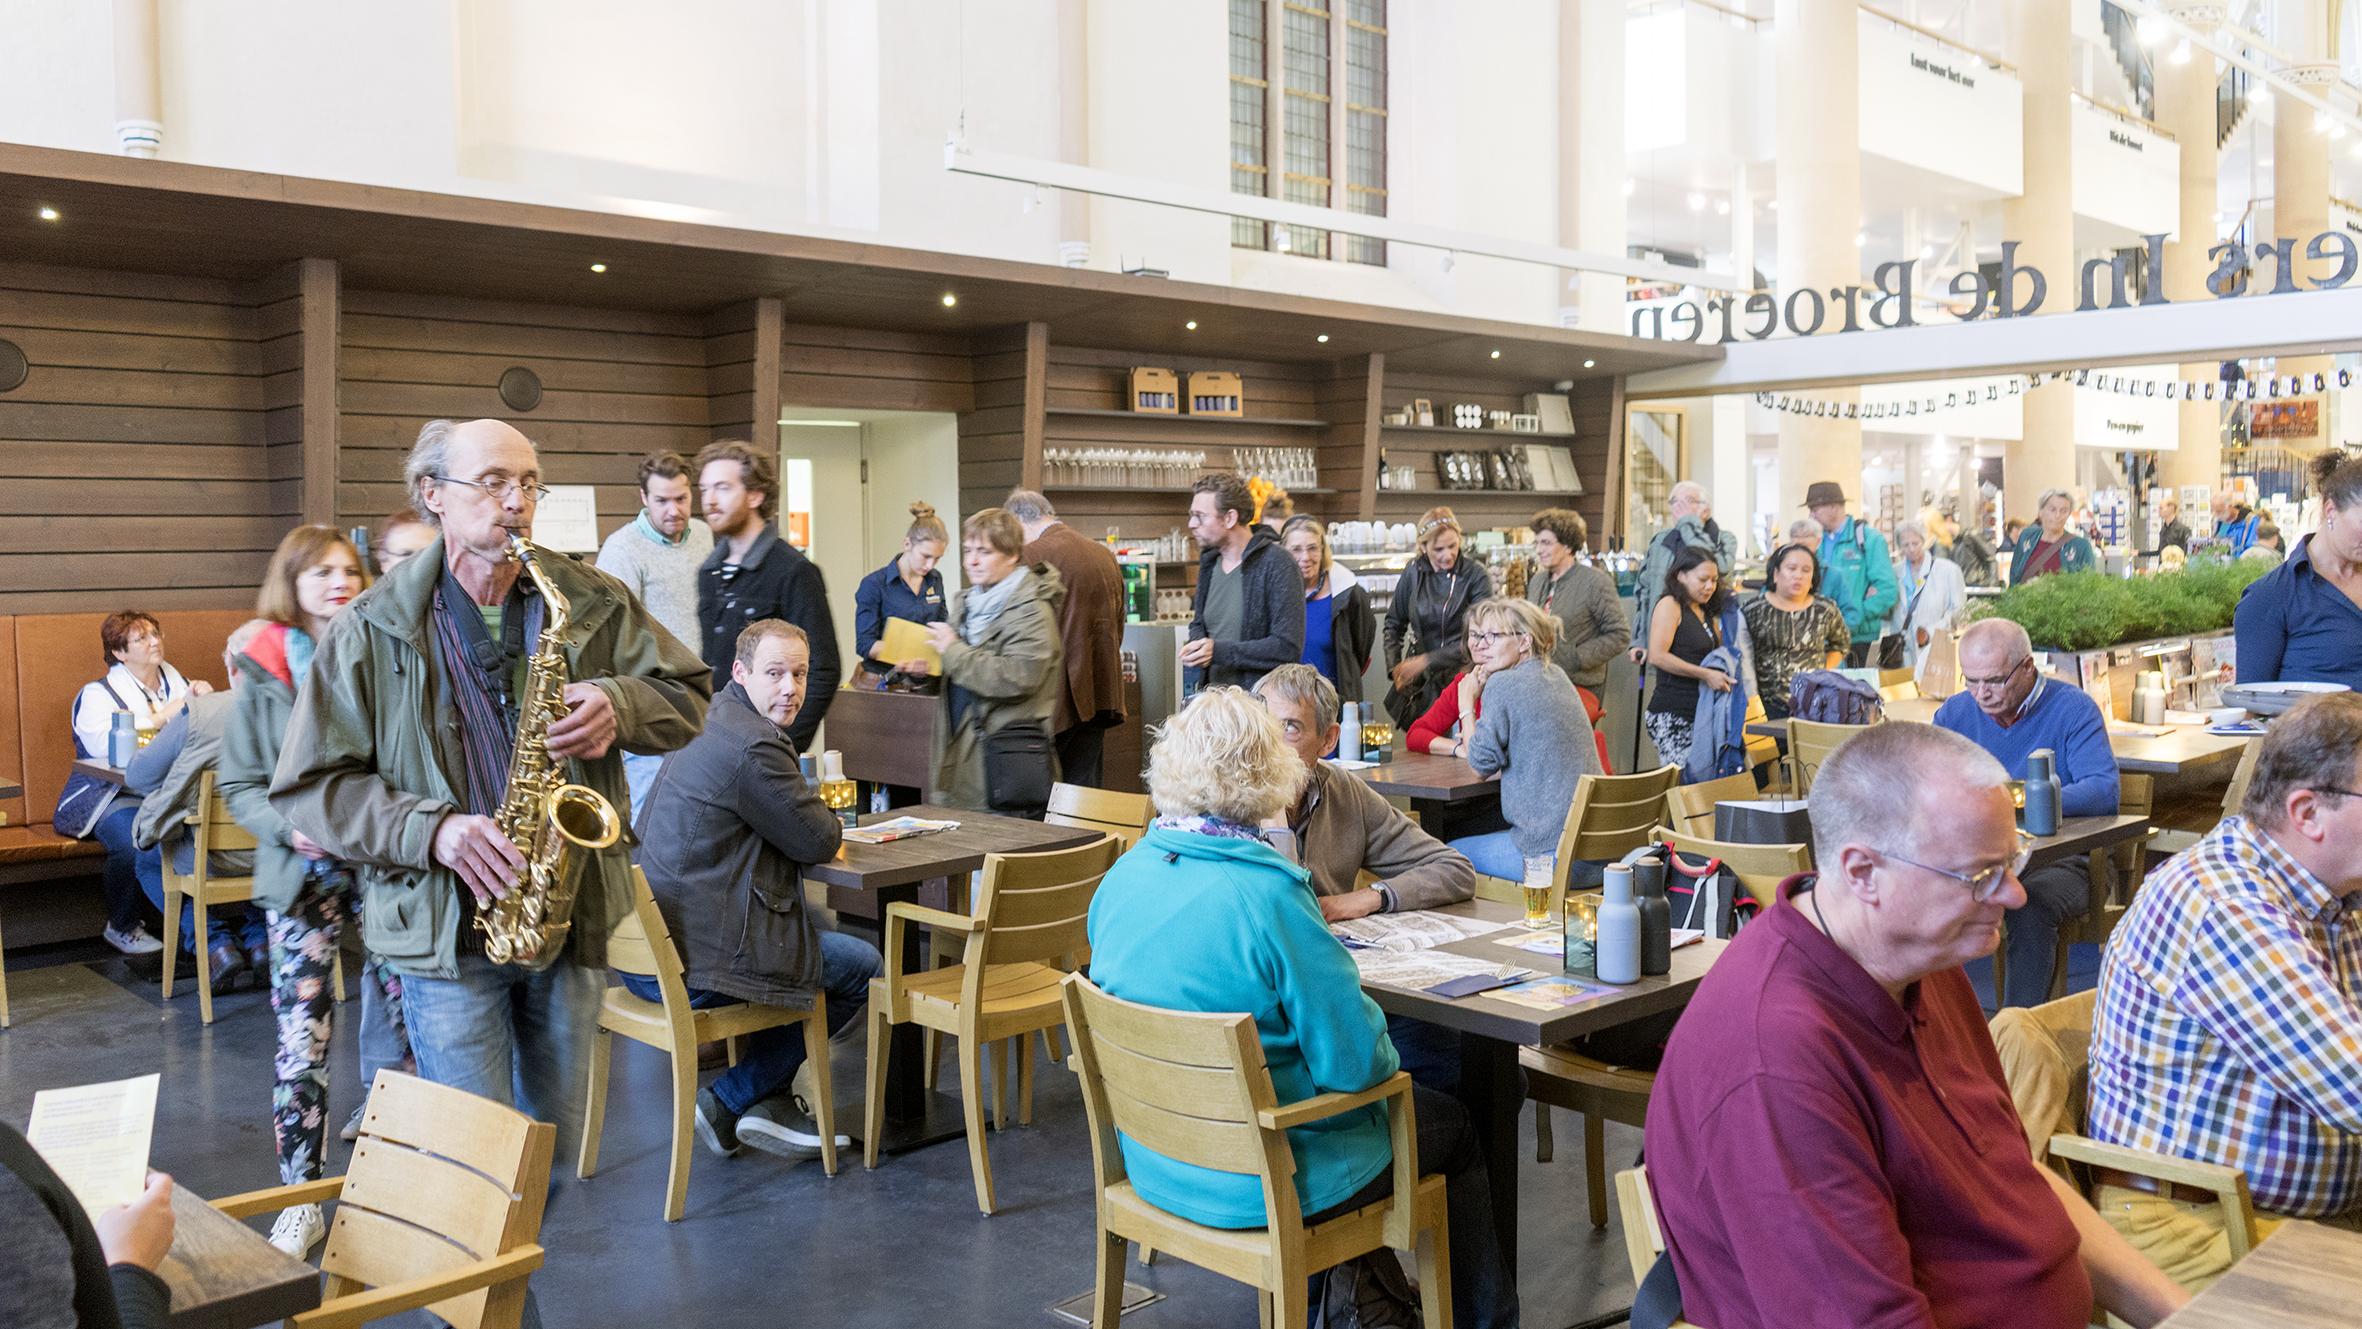 Man speelt saxofoon bij Waanders in de Broeren voor etend publiek